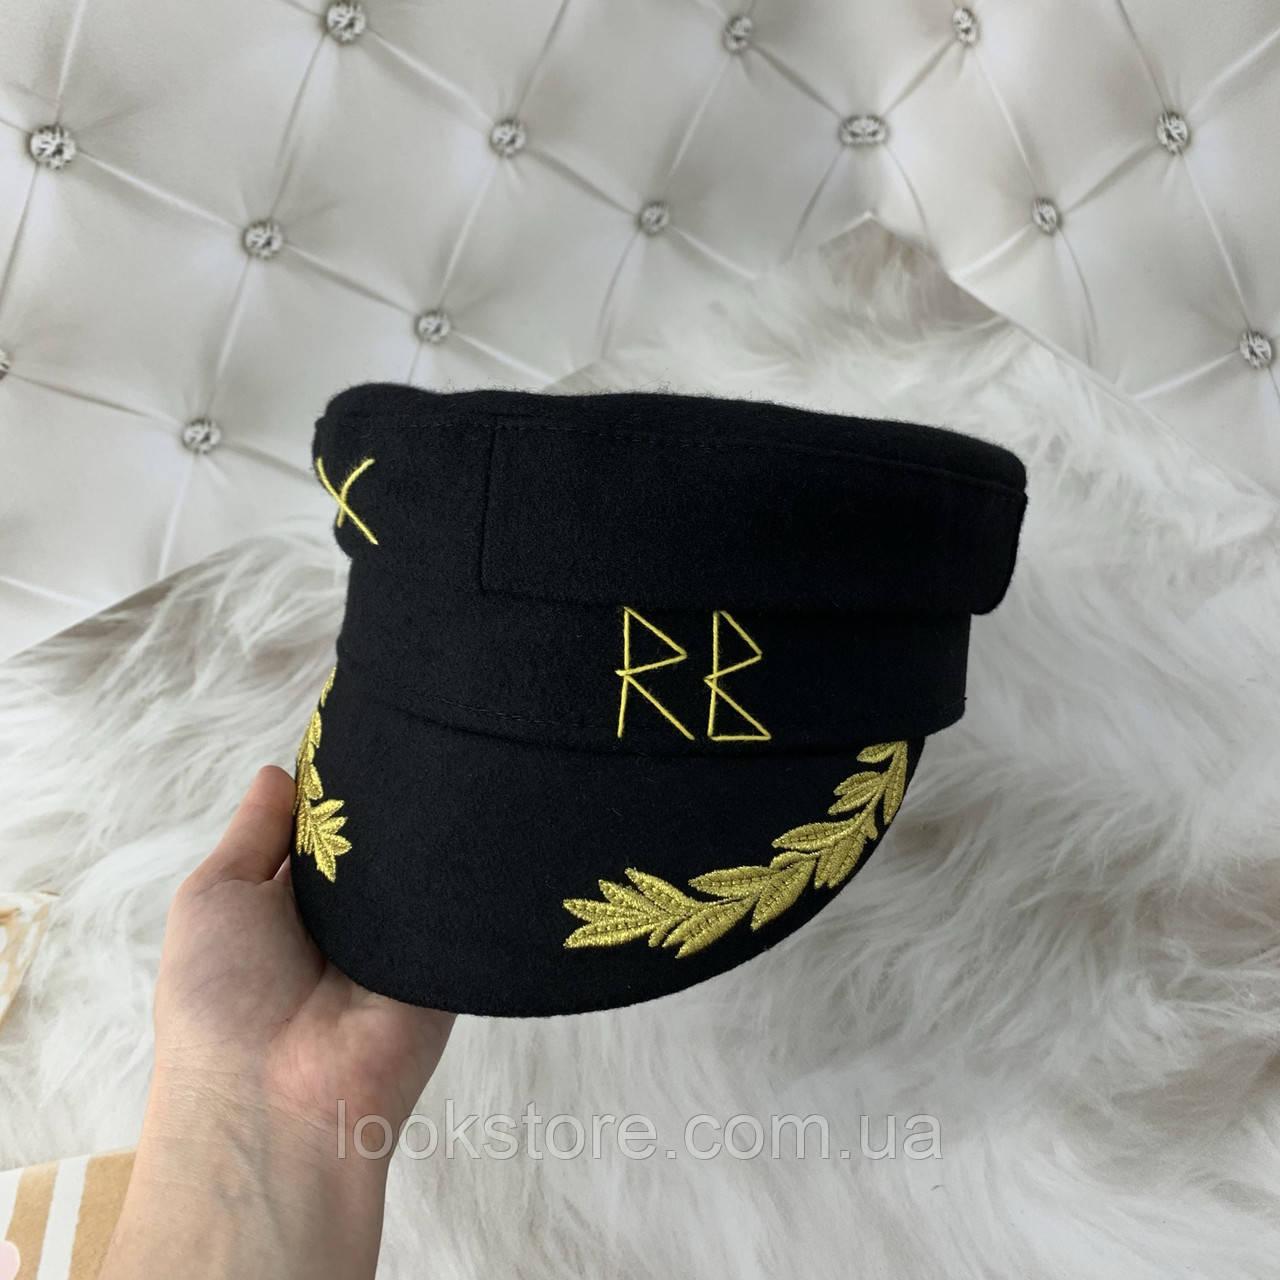 Жіночий картуз, кепі, кашкет RB з вишивкою чорний